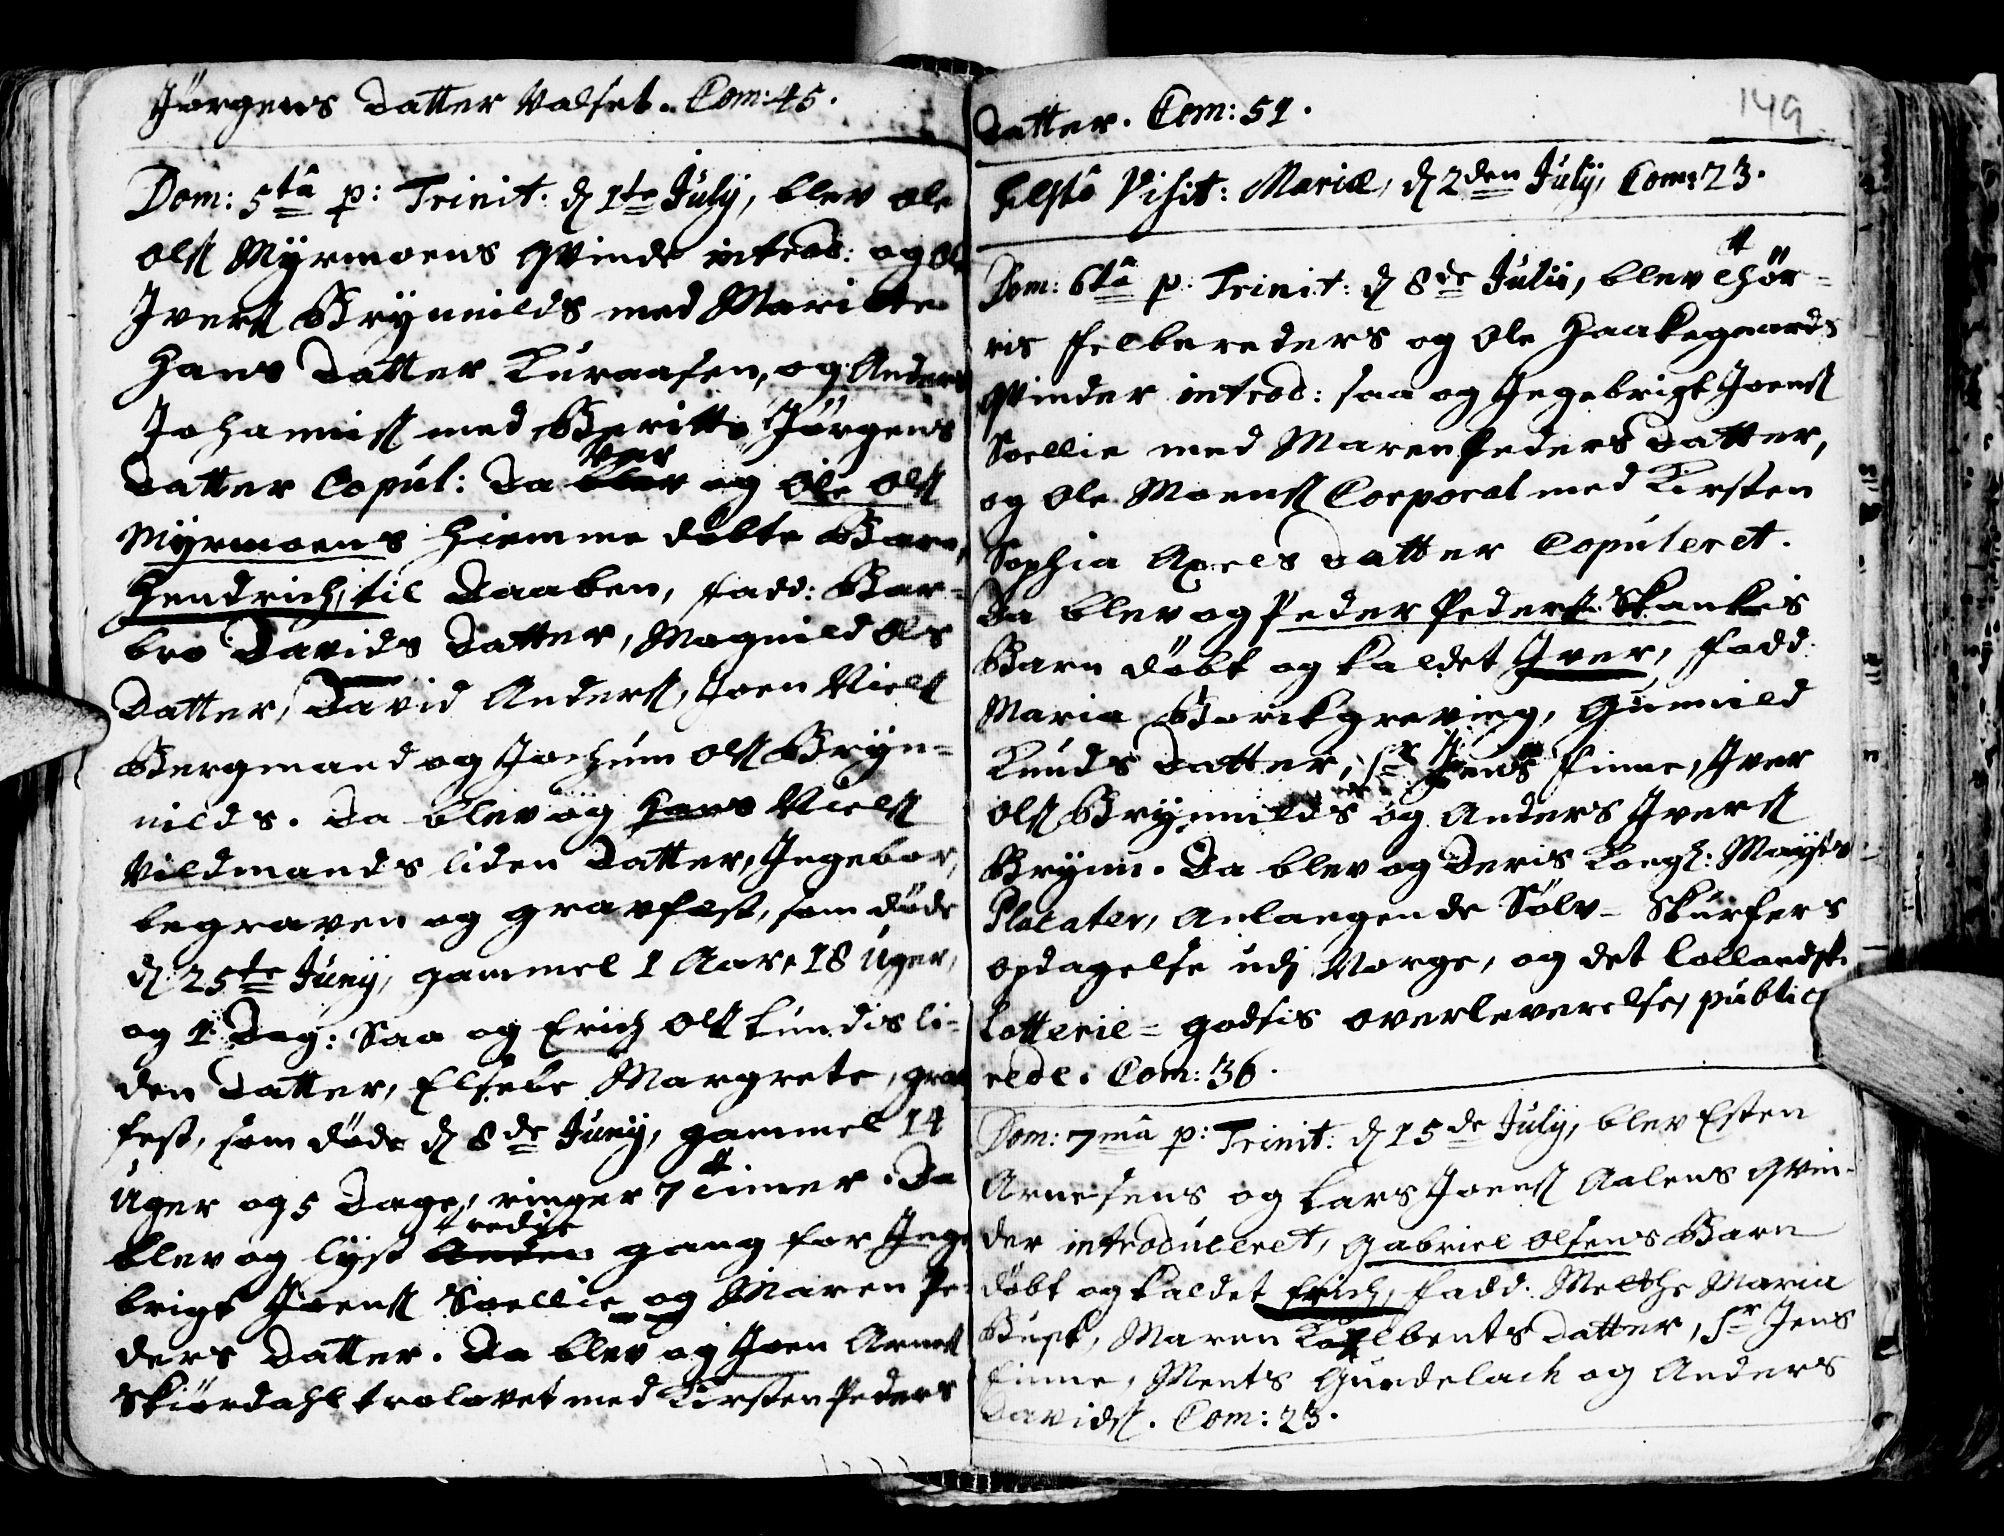 SAT, Ministerialprotokoller, klokkerbøker og fødselsregistre - Sør-Trøndelag, 681/L0924: Ministerialbok nr. 681A02, 1720-1731, s. 148-149